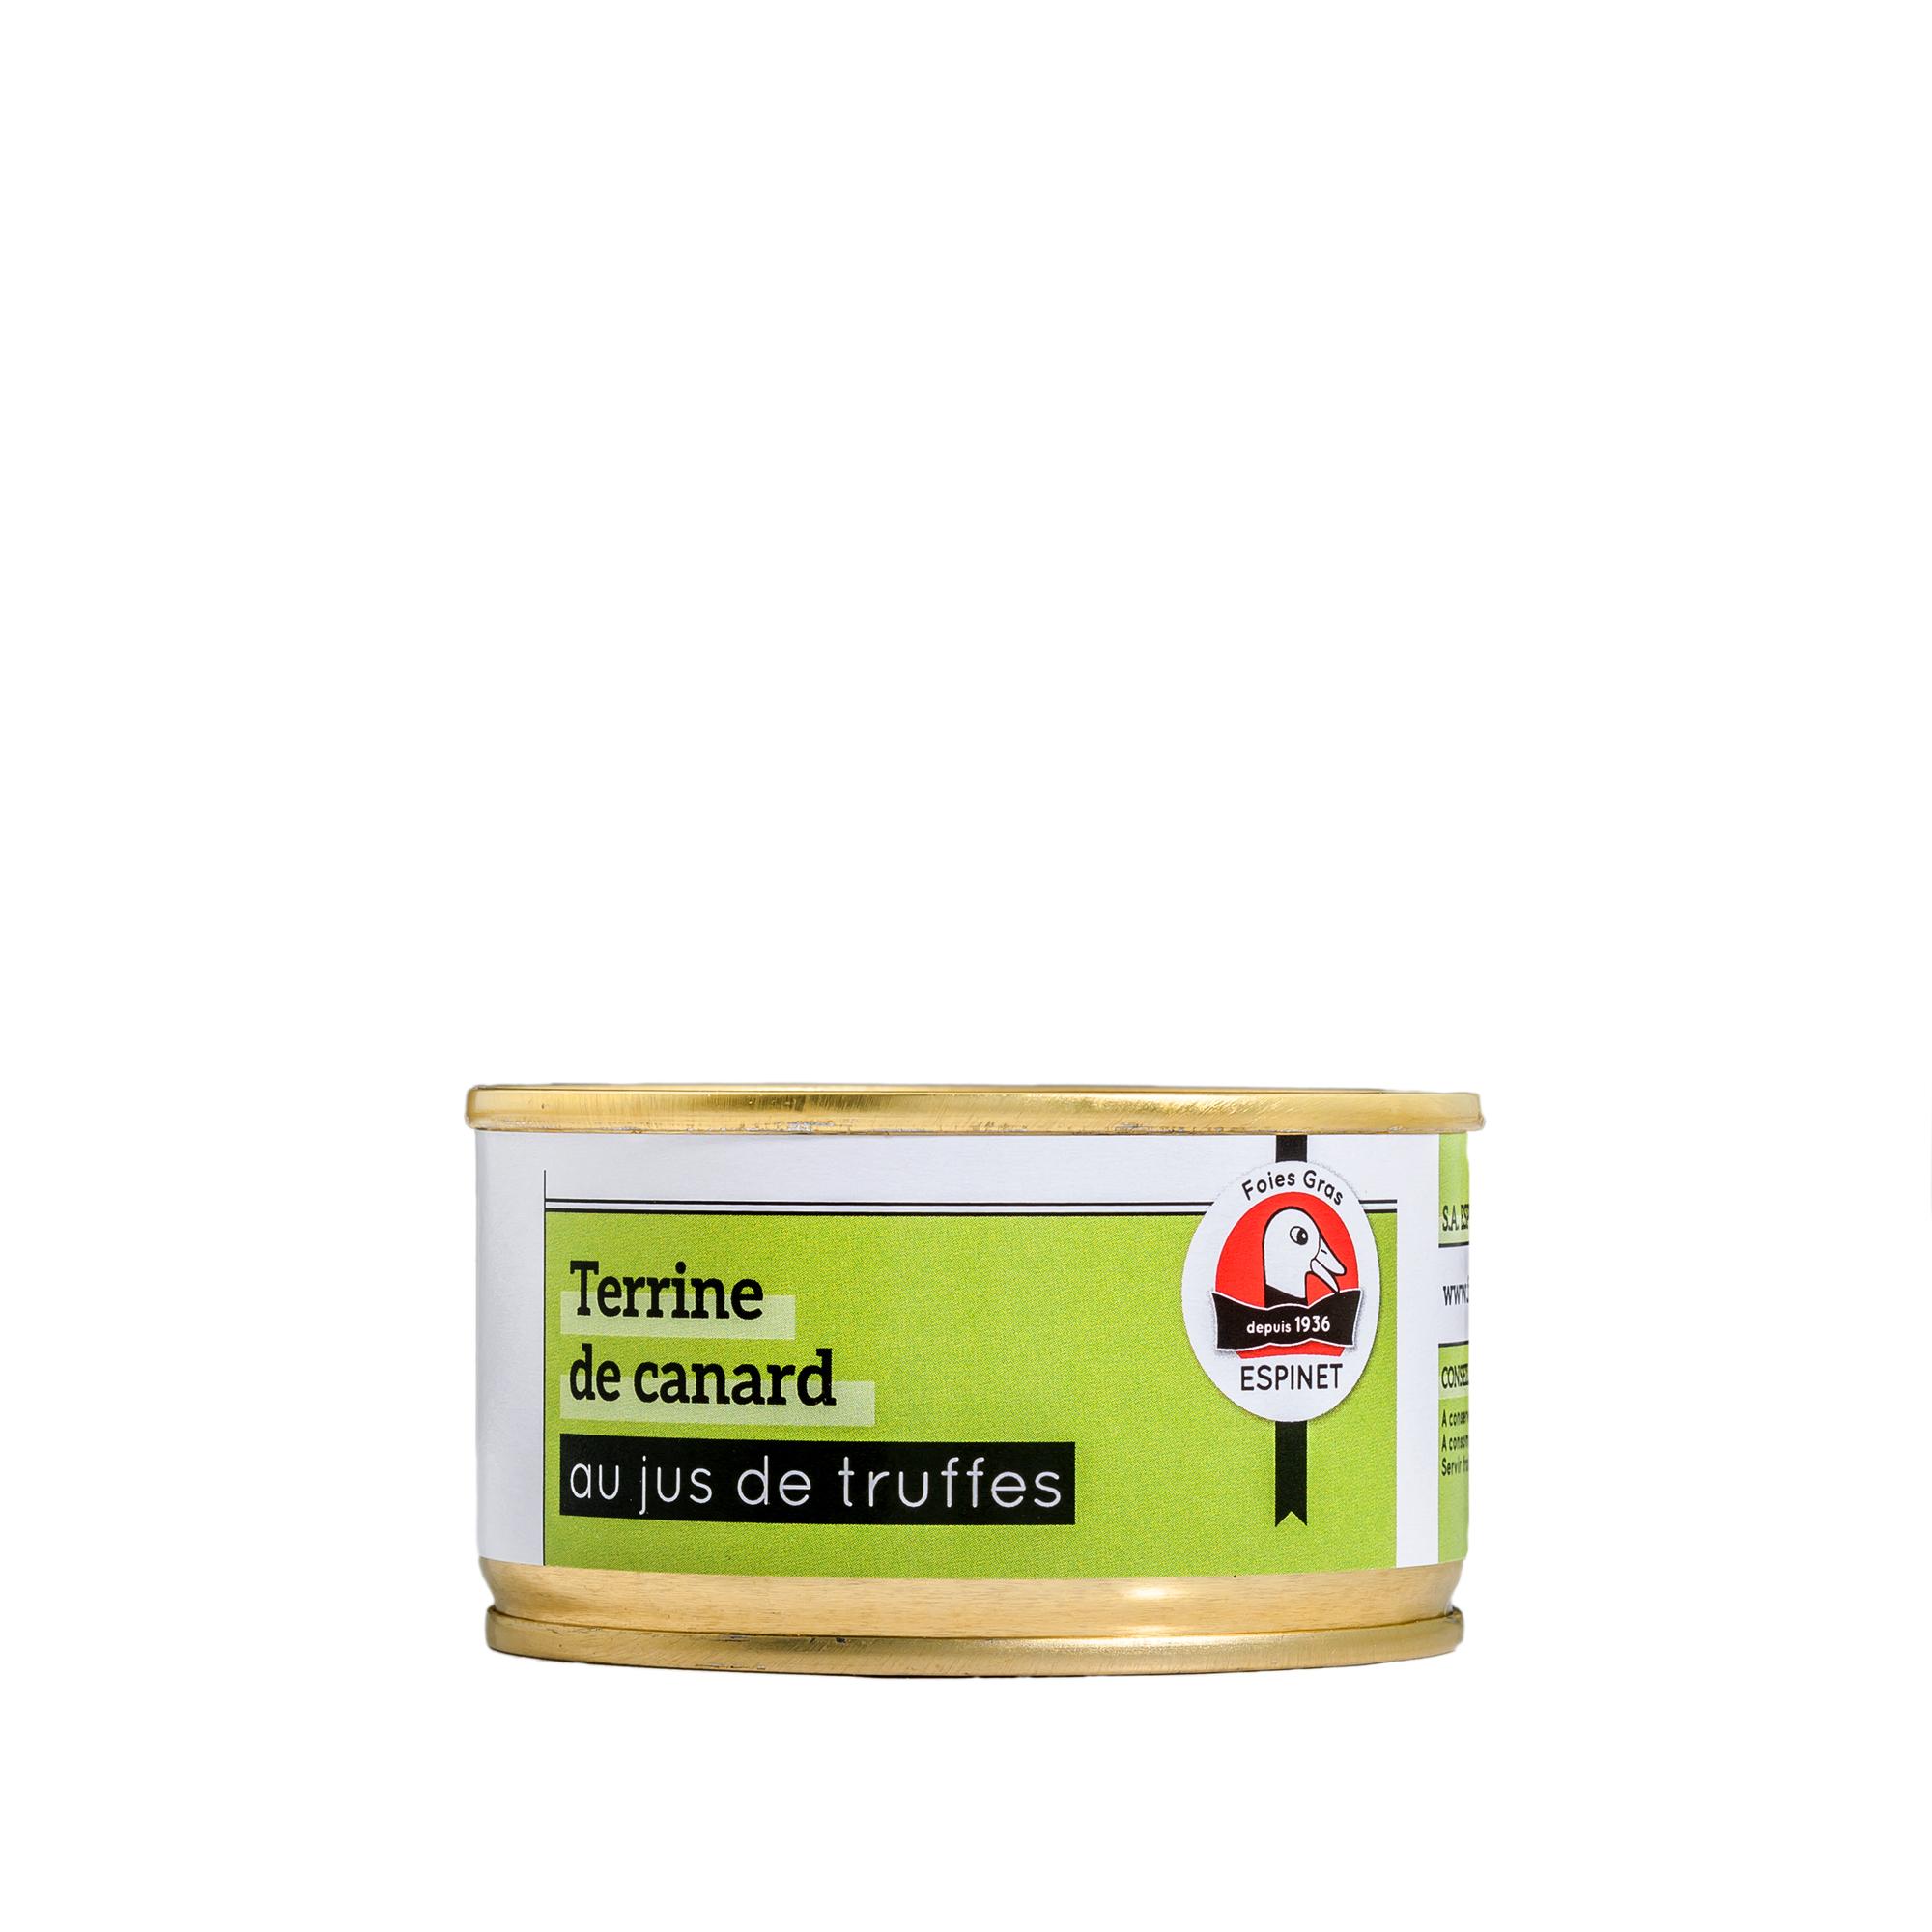 Terrine De Canard Au Jus De Truffes 130g Boutique En Ligne Foie Gras Espinet